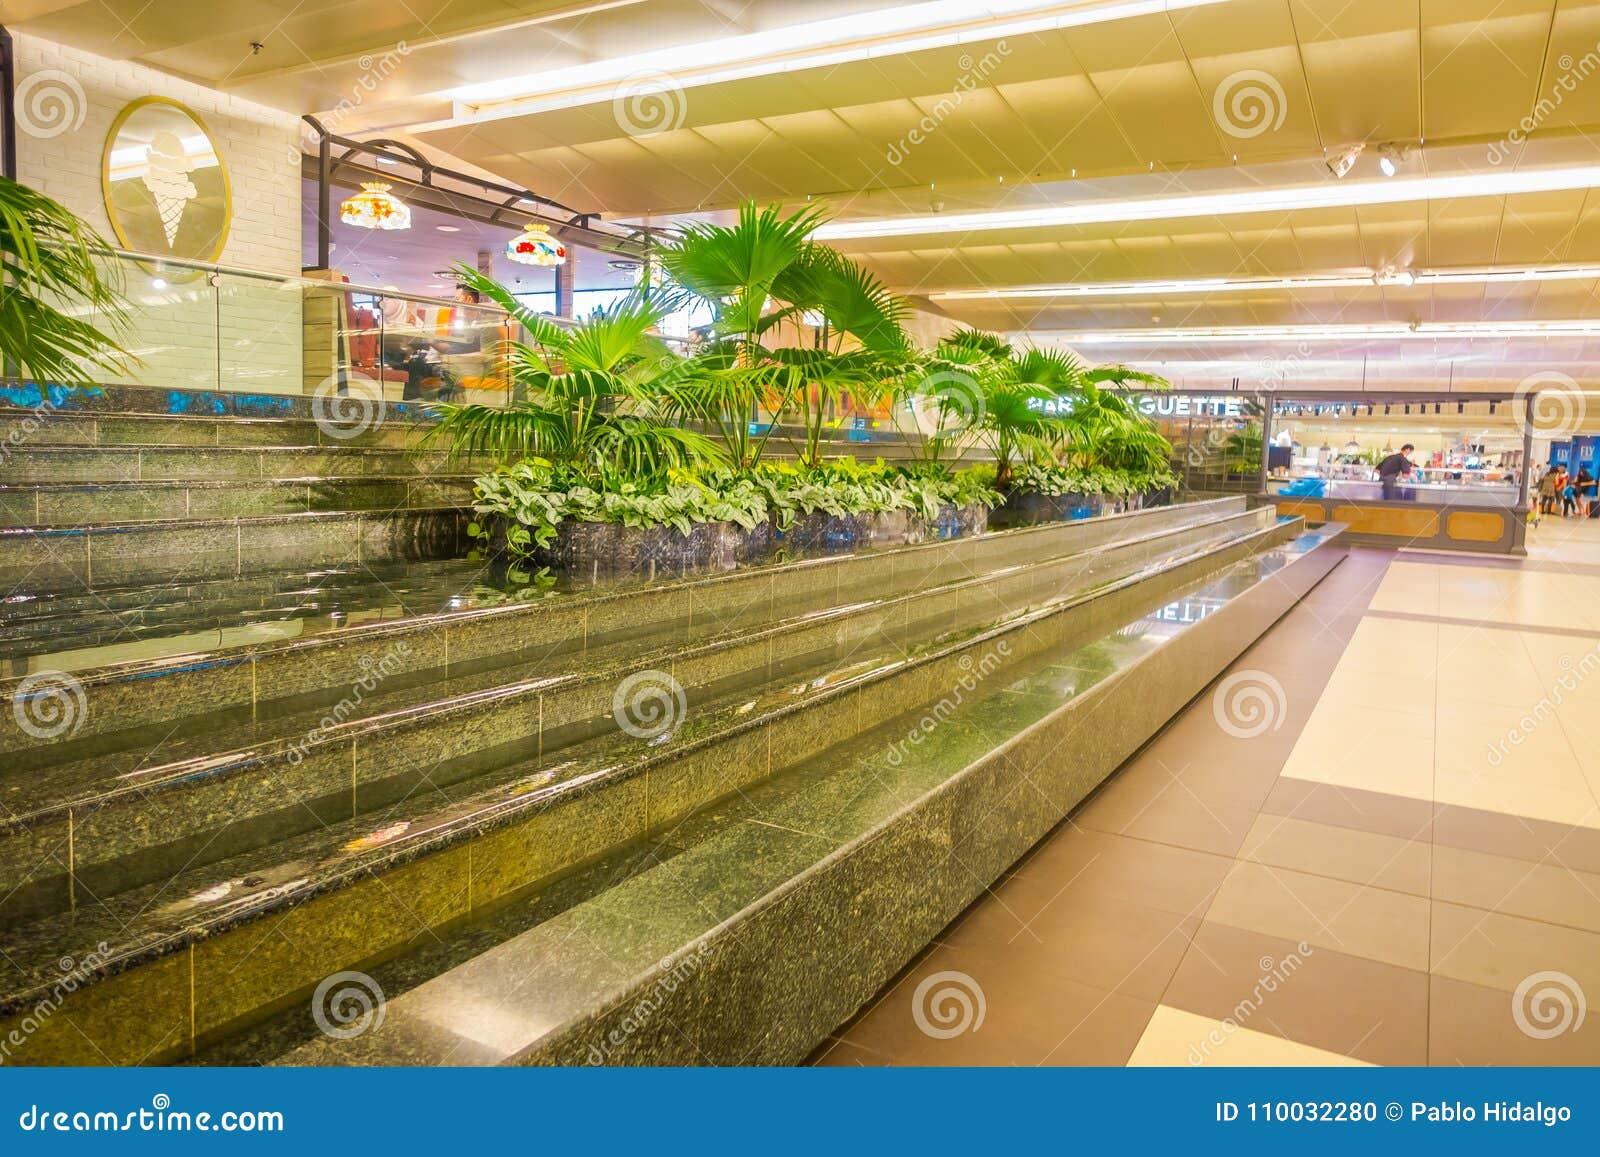 SINGAPORE, SINGAPORE - JANUARI 30 2018: Binnenmening van sommige installaties als decoratie in treden met water binnen van